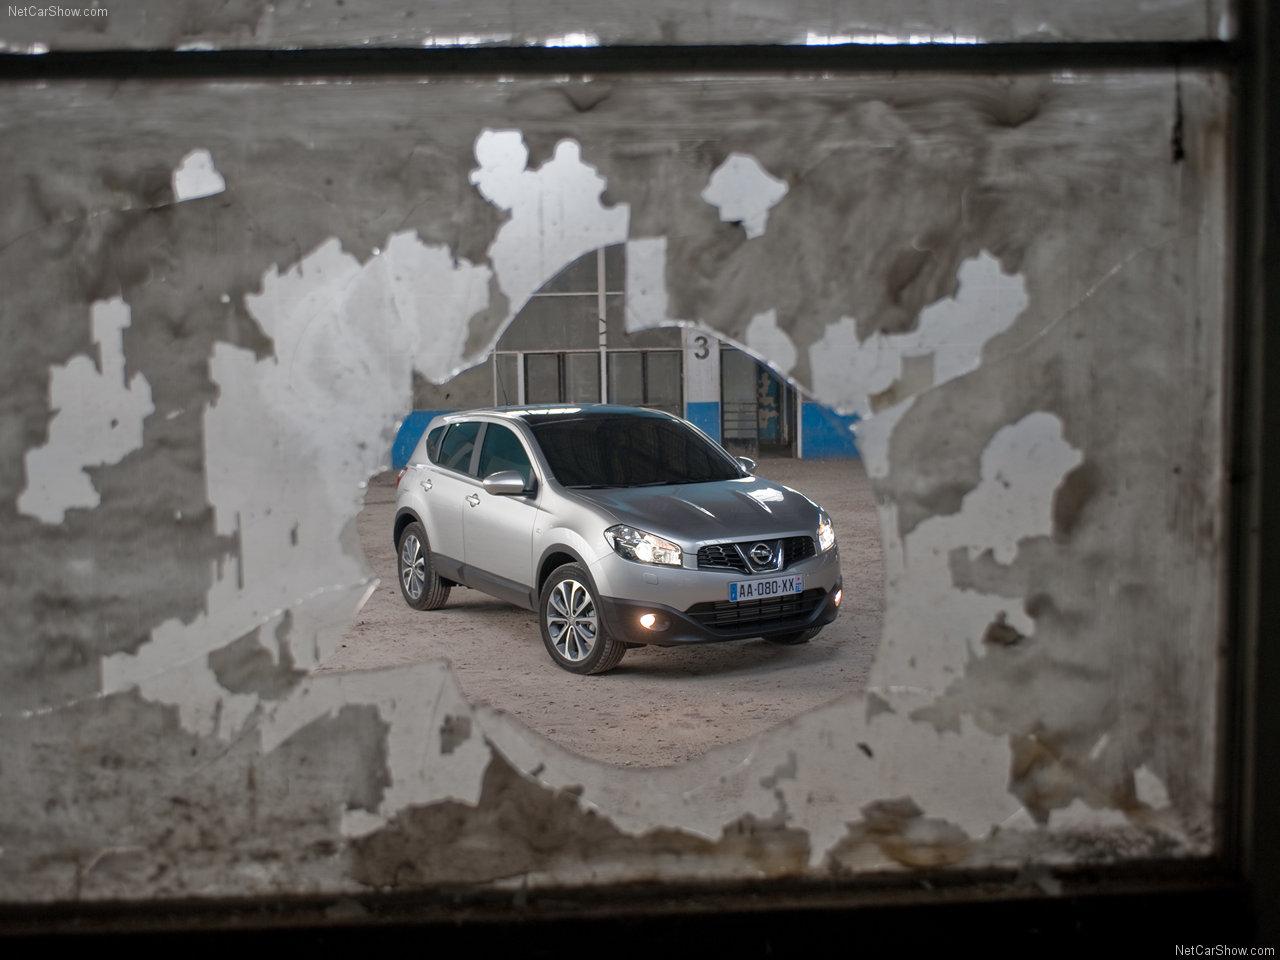 http://4.bp.blogspot.com/-qr0Blc02PR0/TWi-LhOP7qI/AAAAAAAABcw/fXbg21KdBV8/s1600/Nissan-Qashqai_2010_1280x960_wallpaper_04.jpg